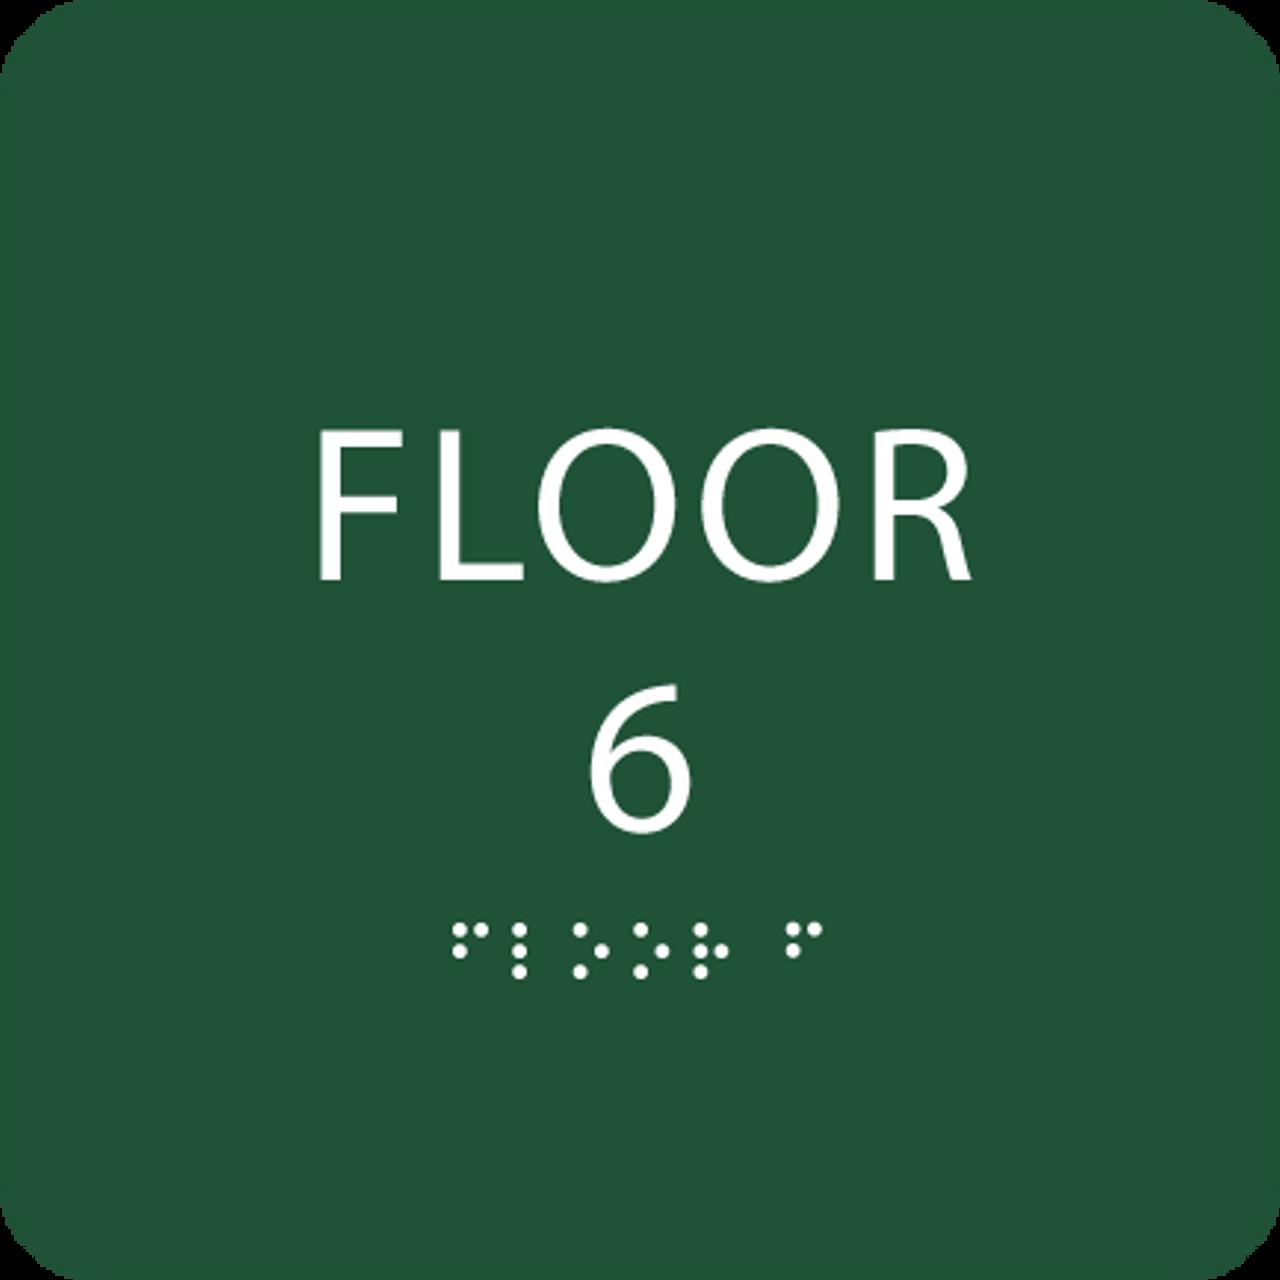 Green Floor 6 Level Number ADA Sign